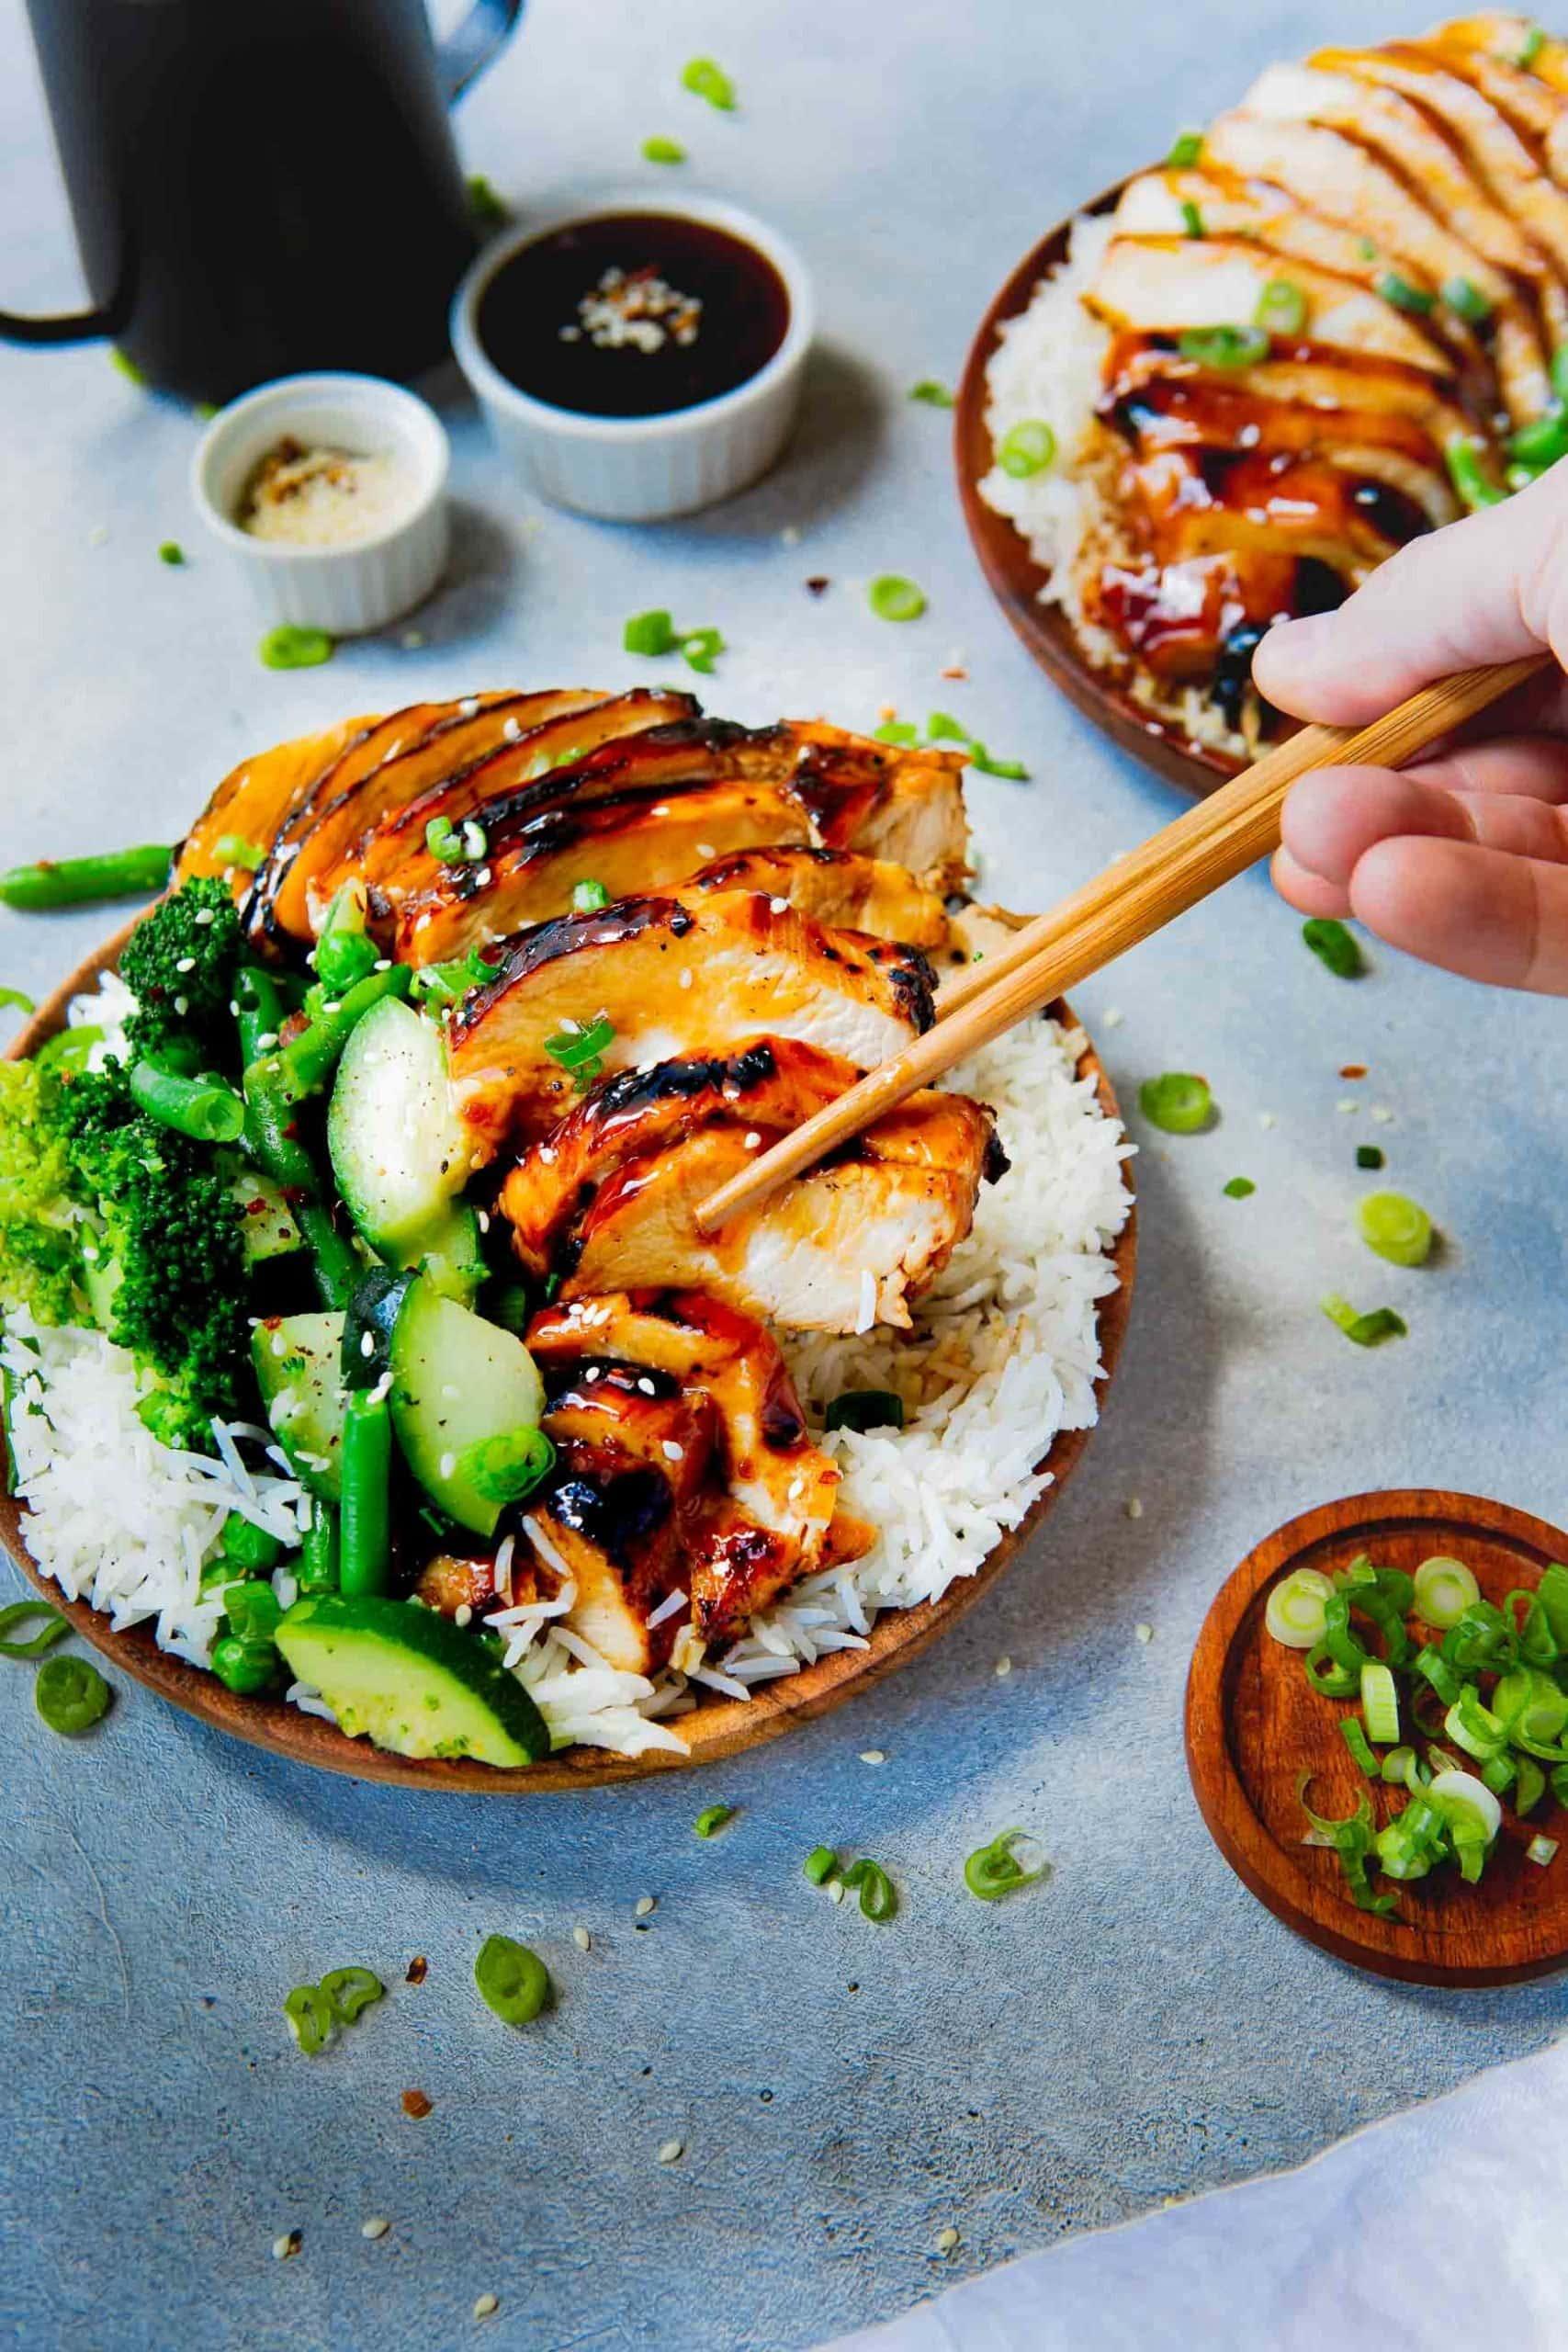 Homemade Teriyaki Chicken Recipe